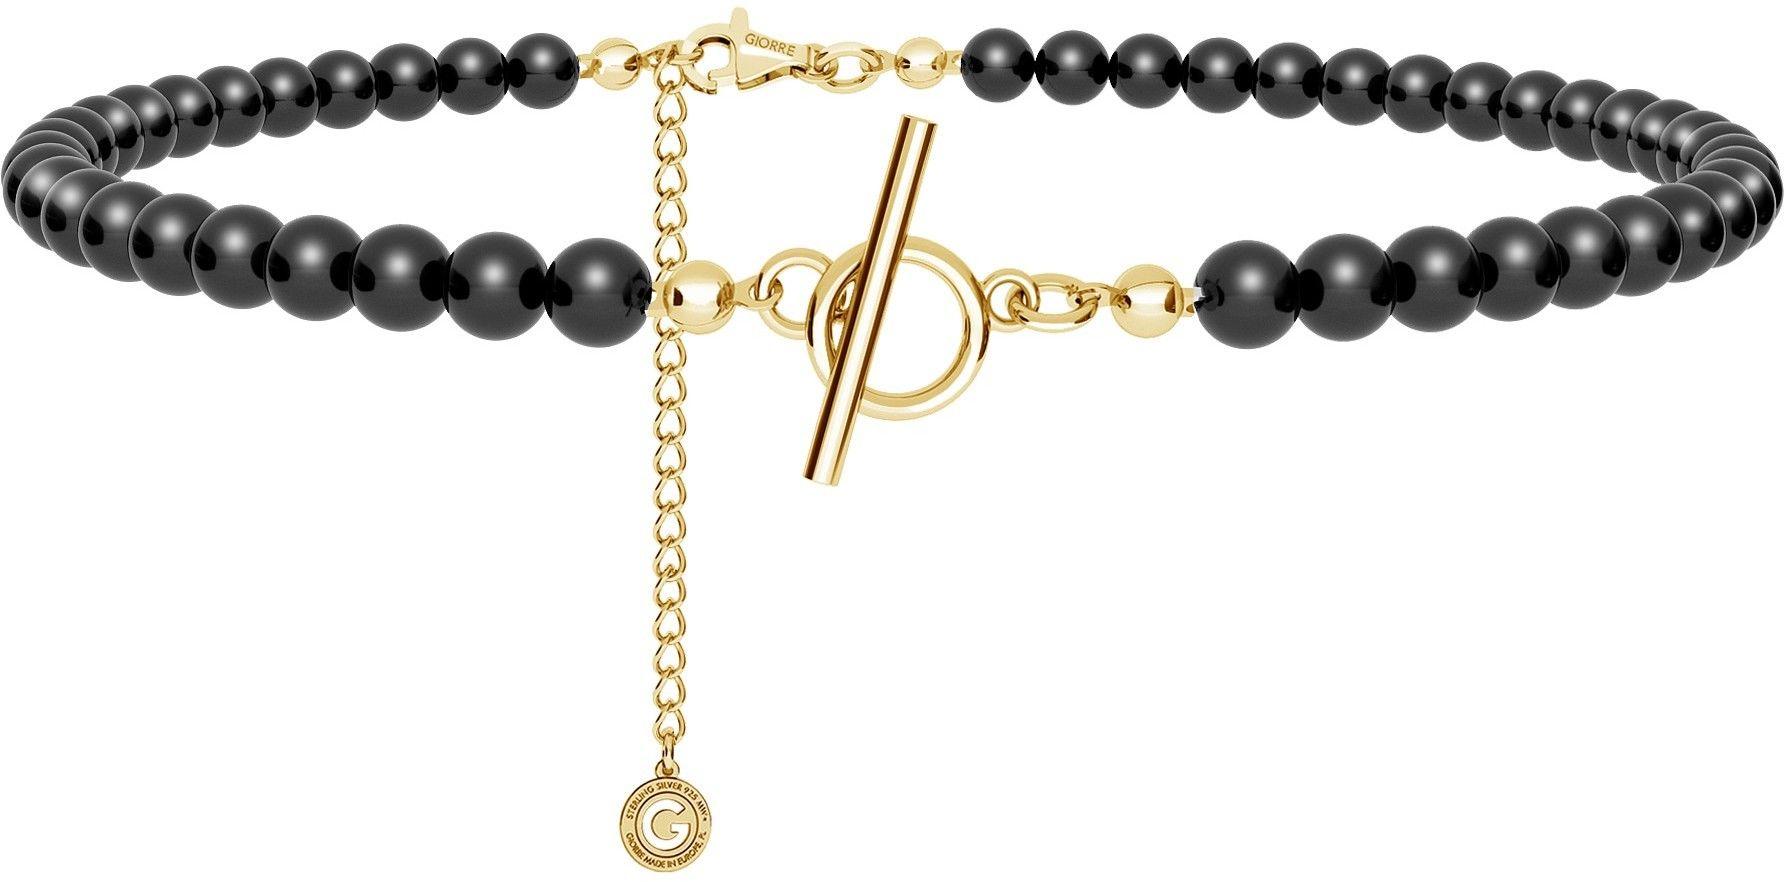 Srebrny choker z czarnych pereł, do podwieszania charmsów, srebro 925 : Srebro - kolor pokrycia - Pokrycie żółtym 18K złotem